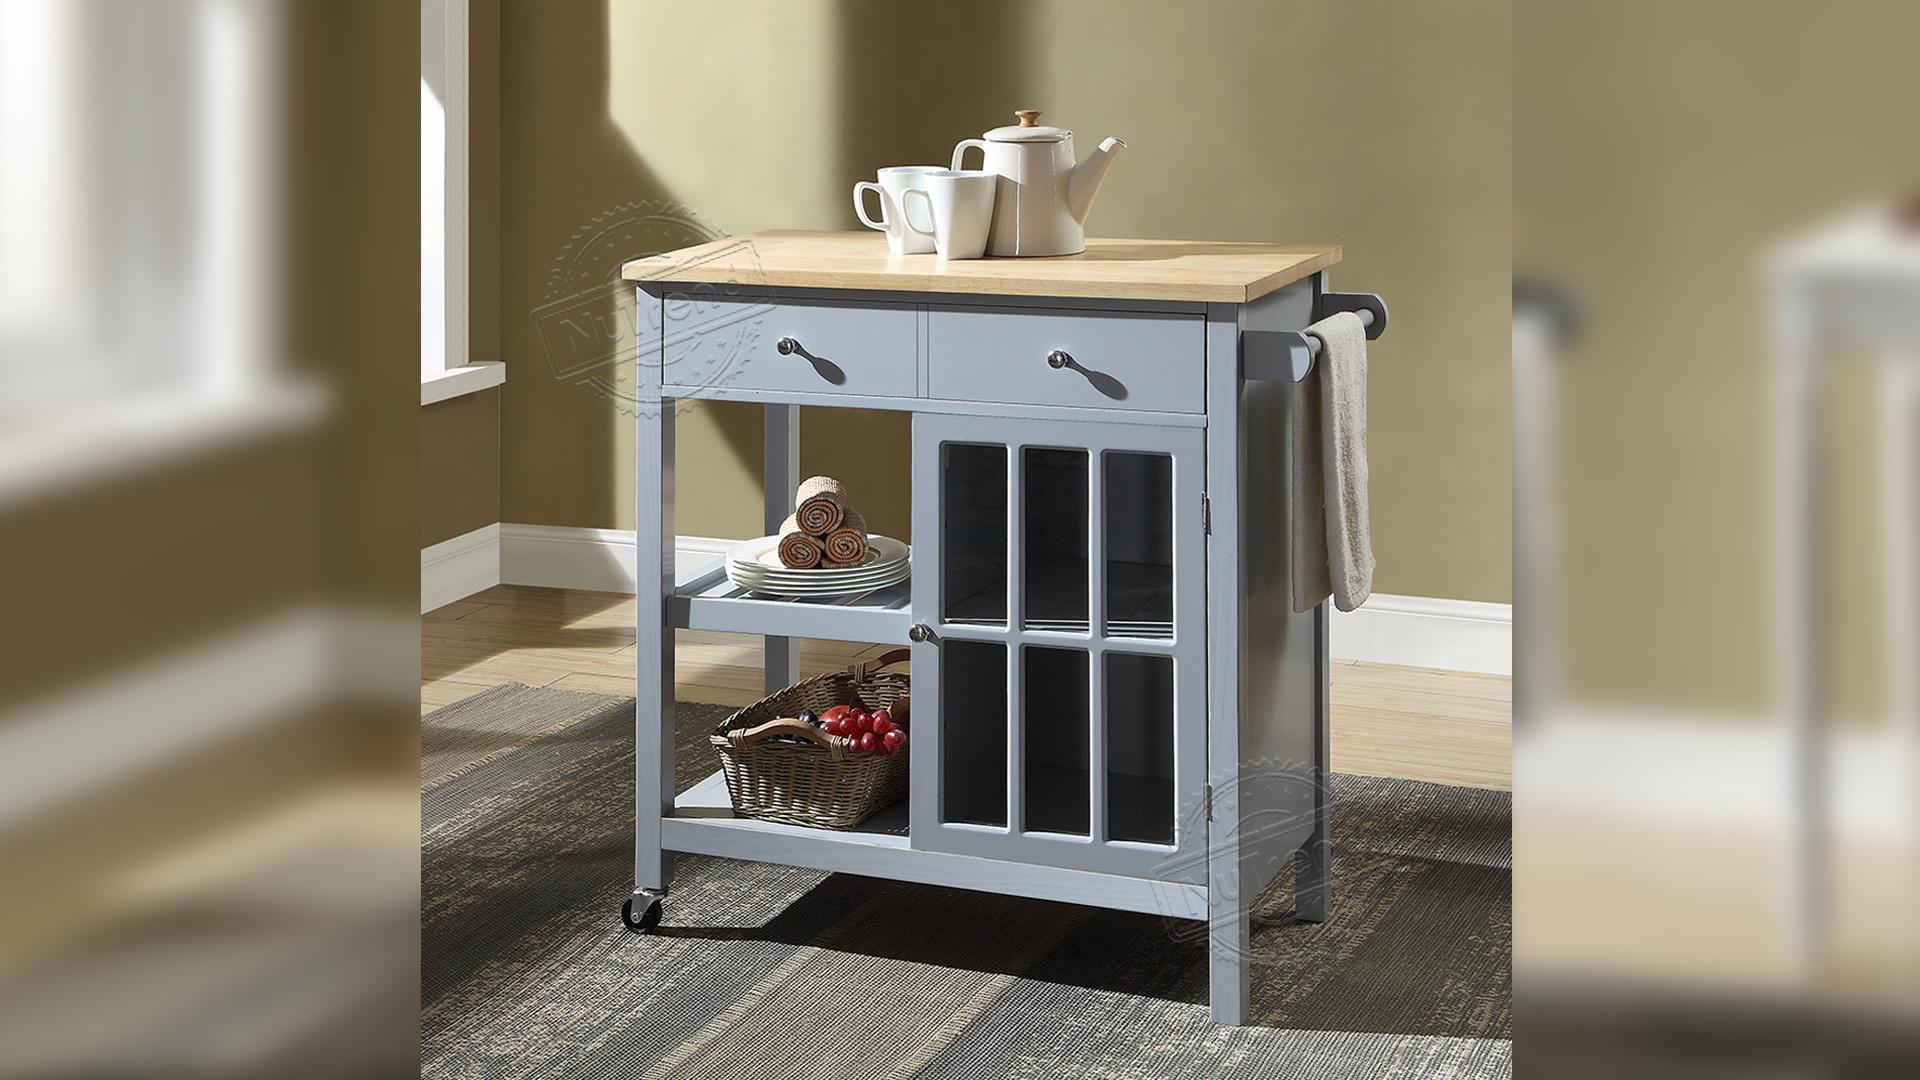 جودة عالية موبايل مطبخ جزيرة المطبخ معدات تخزين مع أدراج وخزانة باب زجاجي 102146